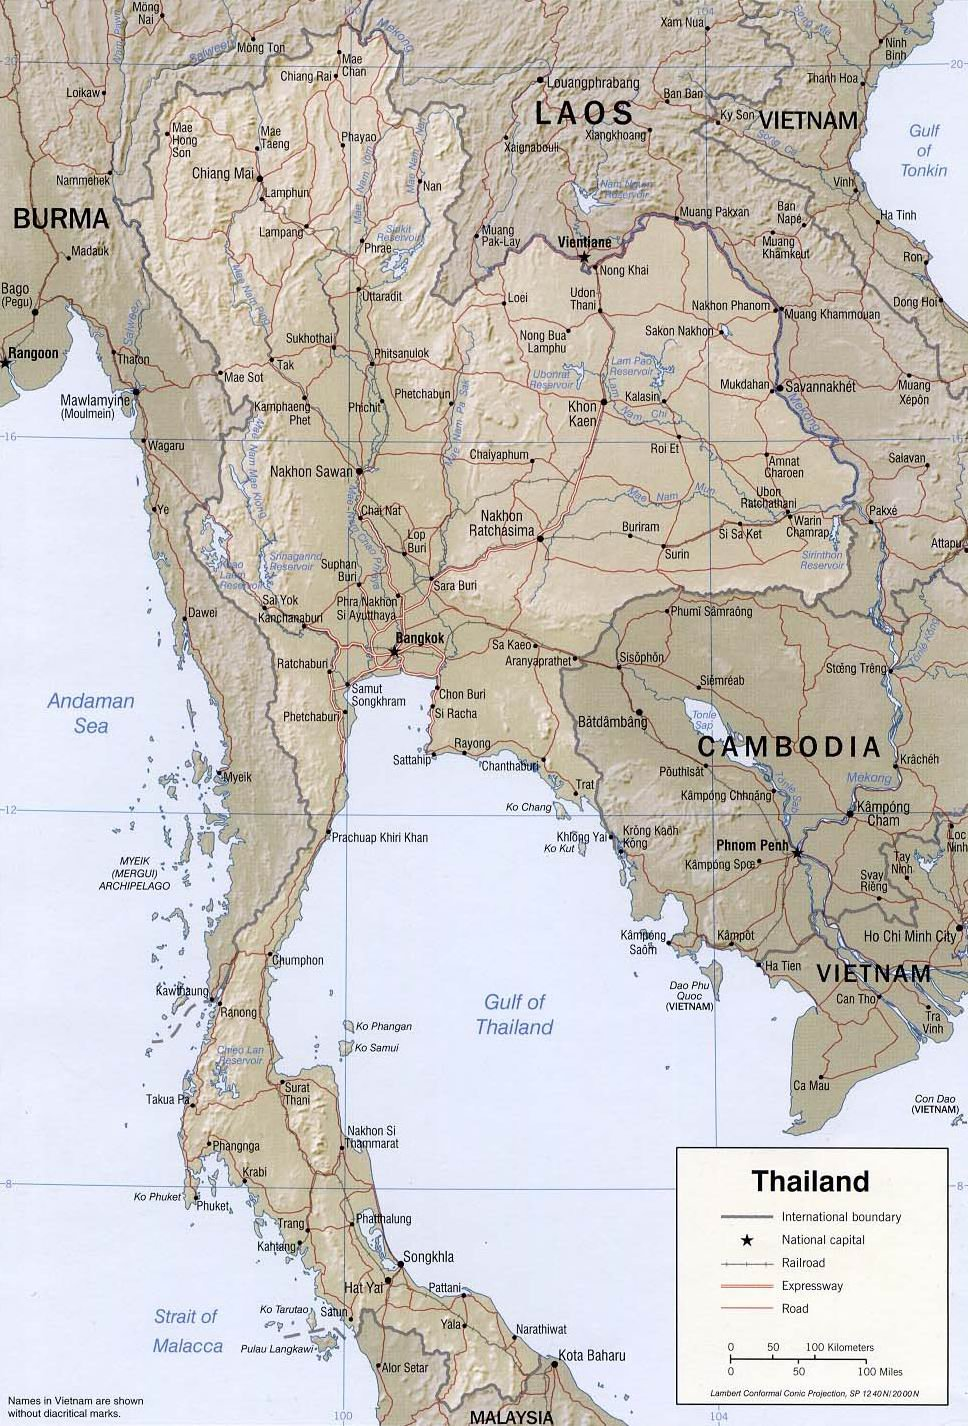 Подробная карта Таиланда с рельефом и реками